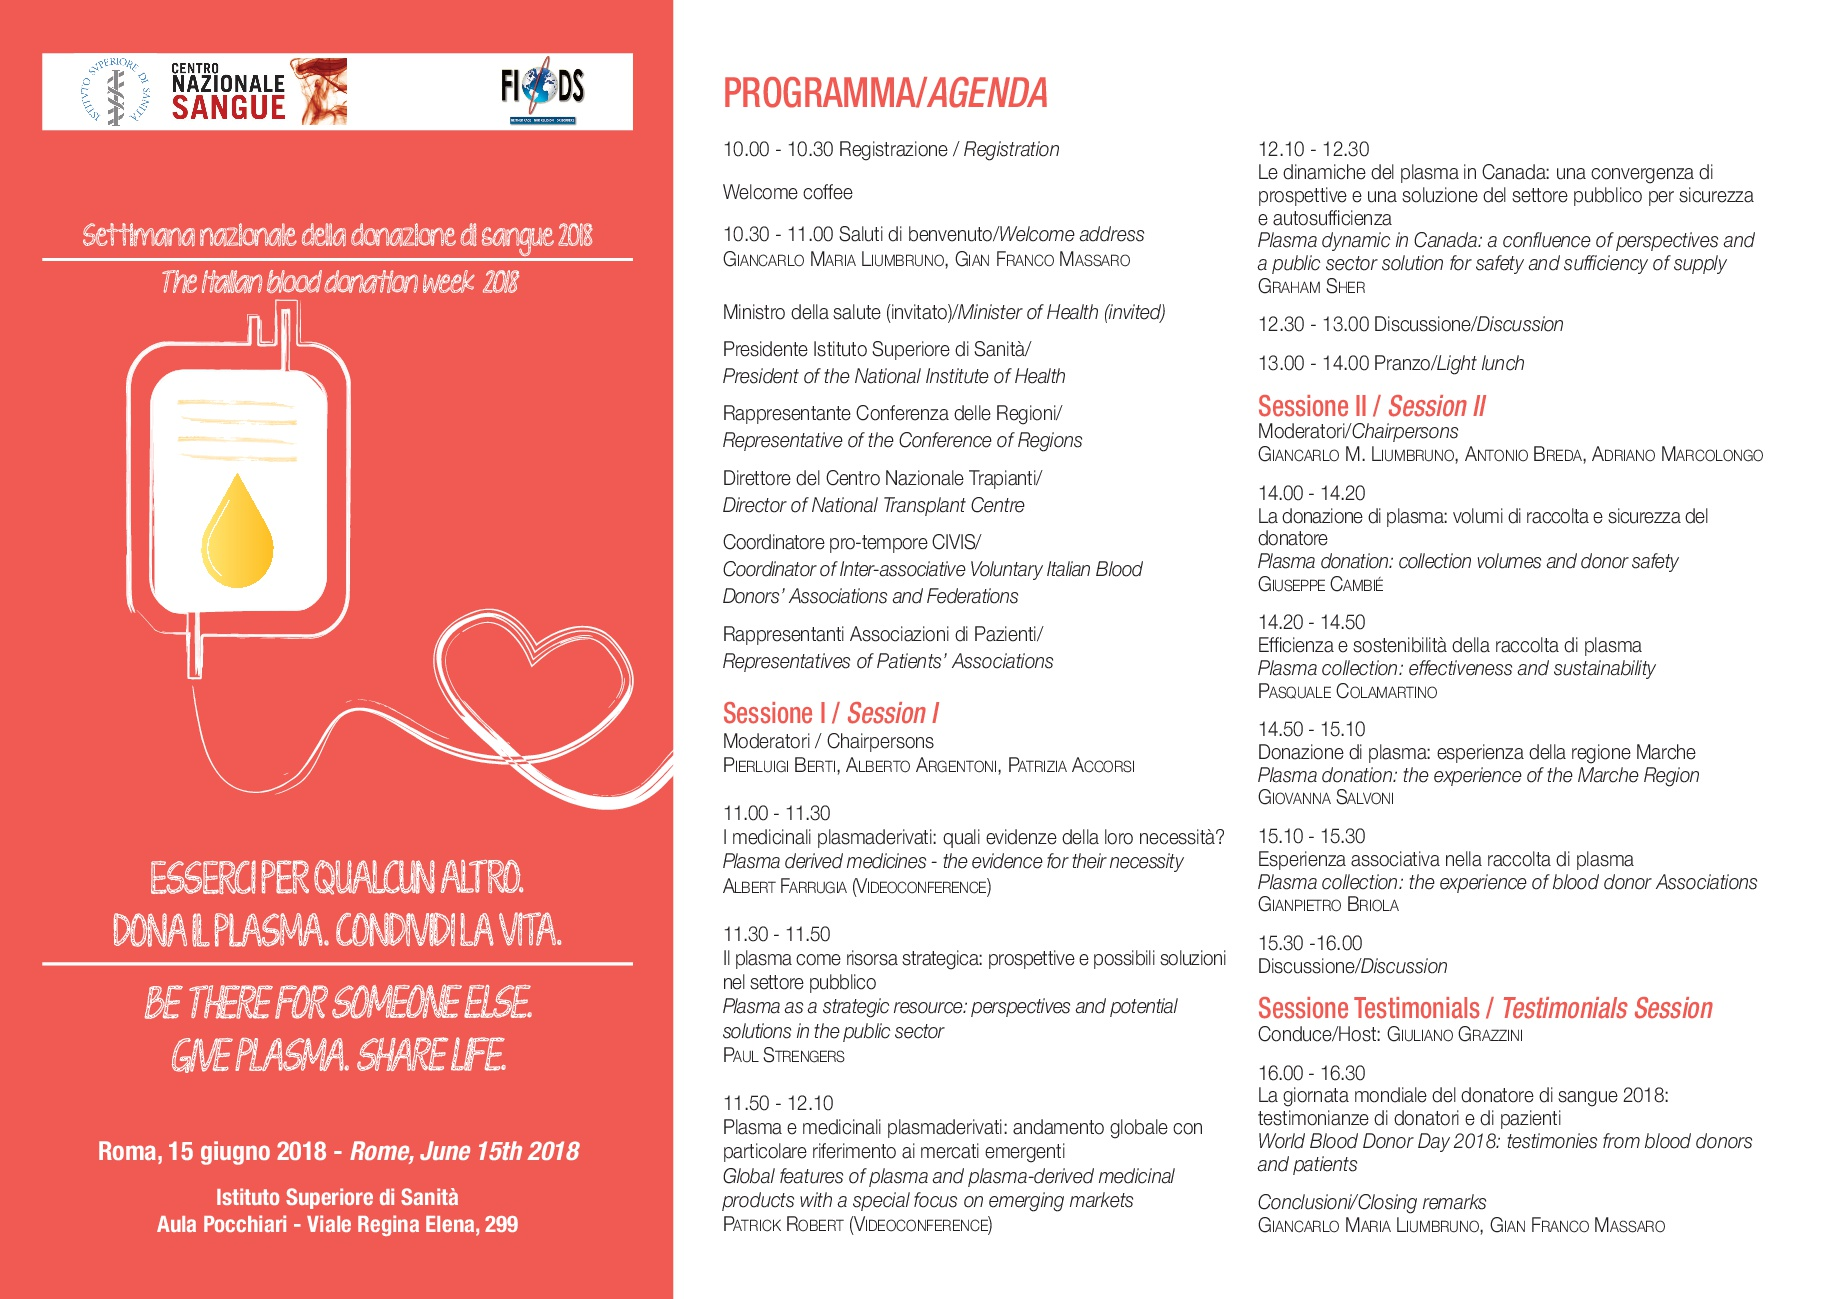 programma-preliminare-convegno-cns-fiods-15-06-2018